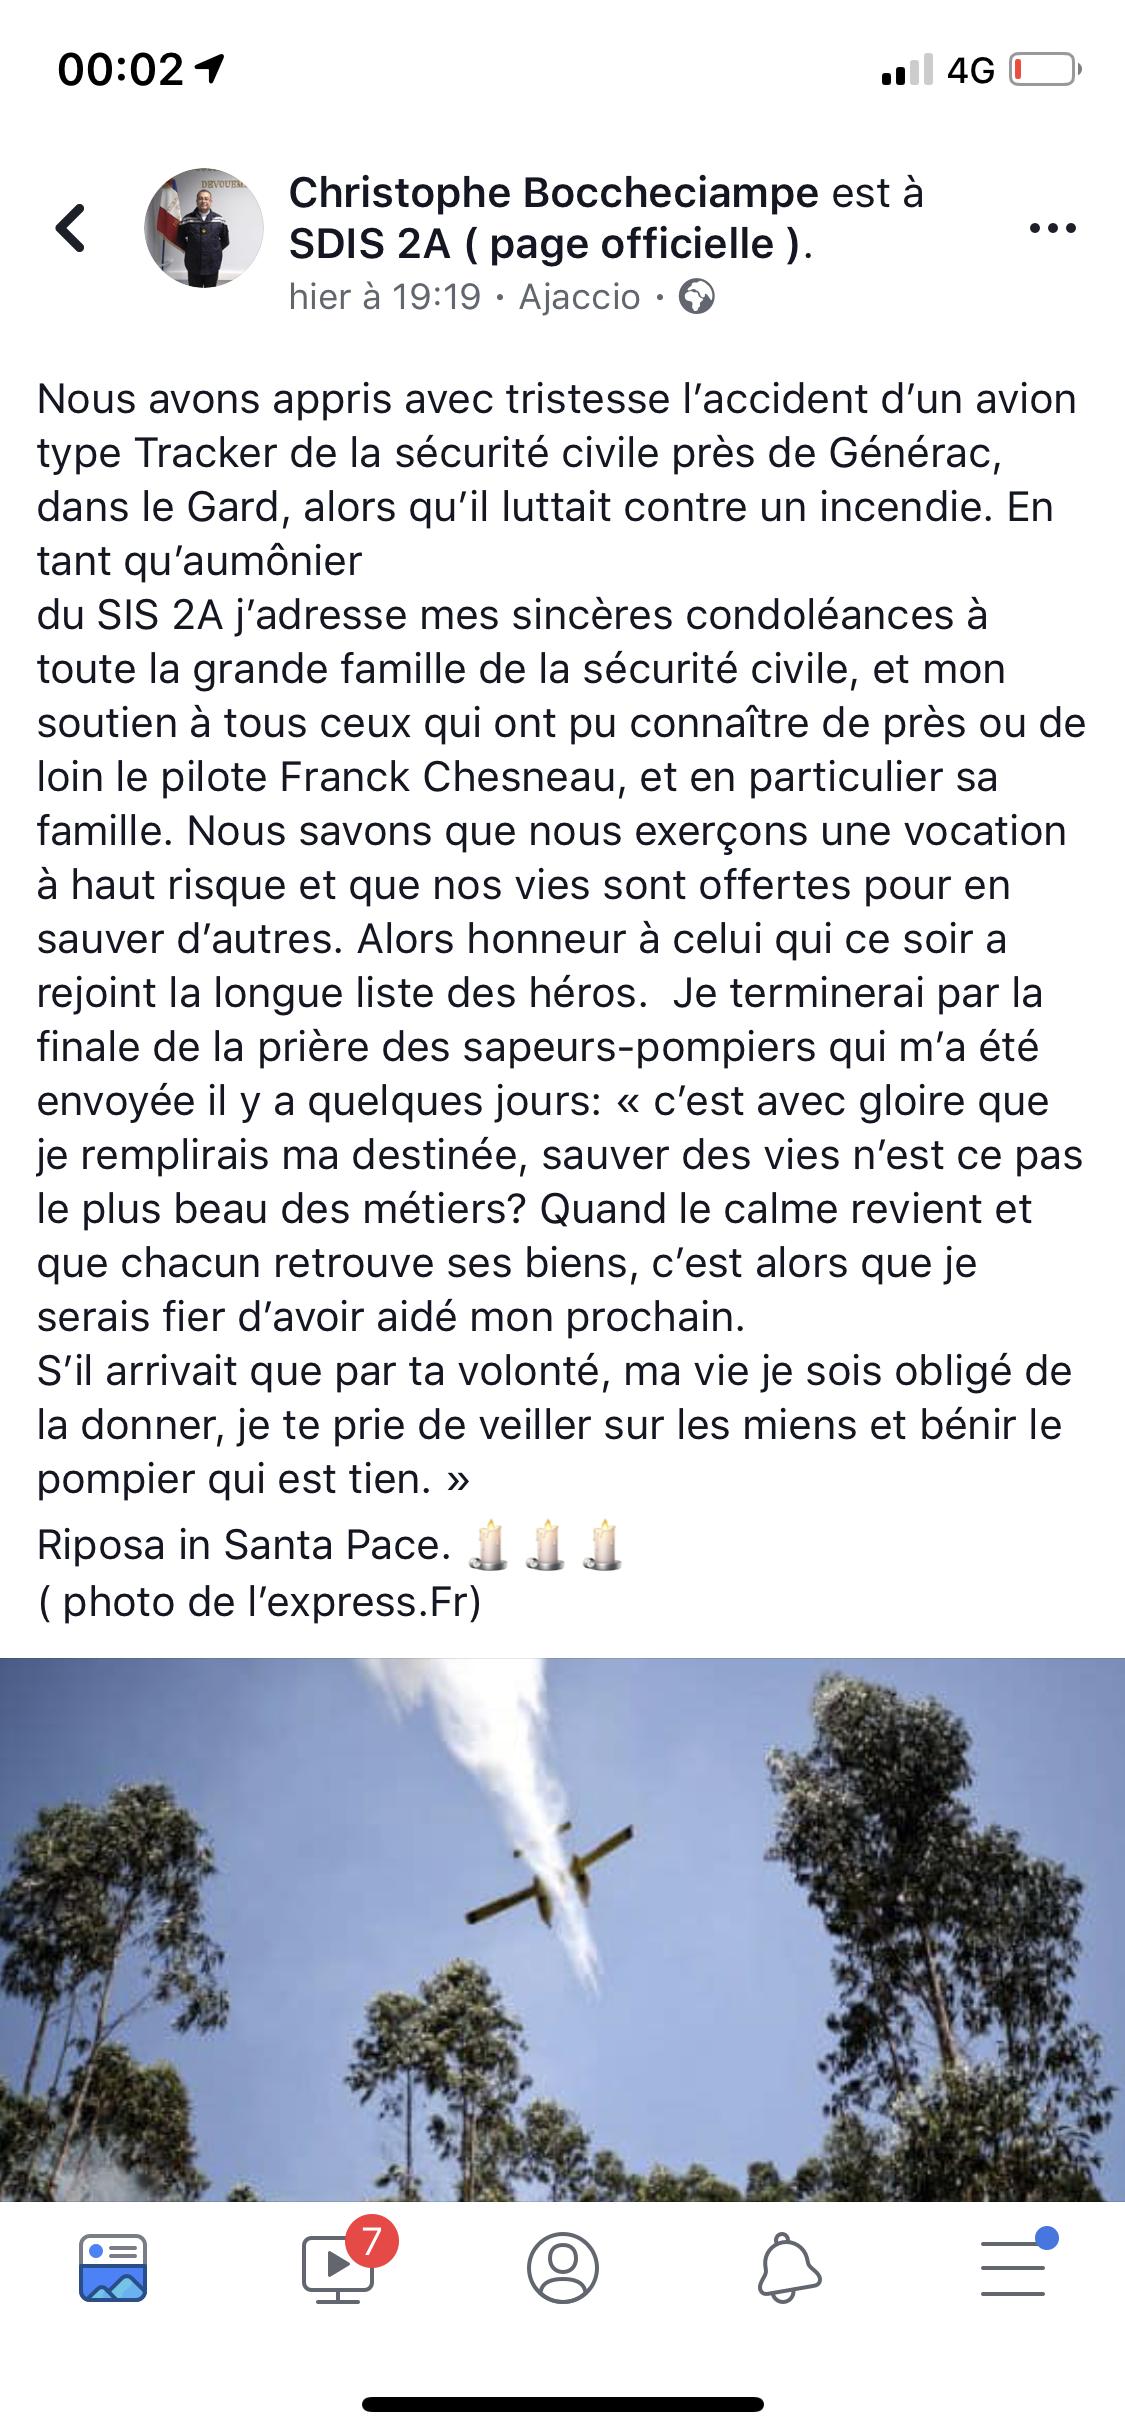 Crash d'un bombardier d'eau dans le Gard. Vive émotion en Corse